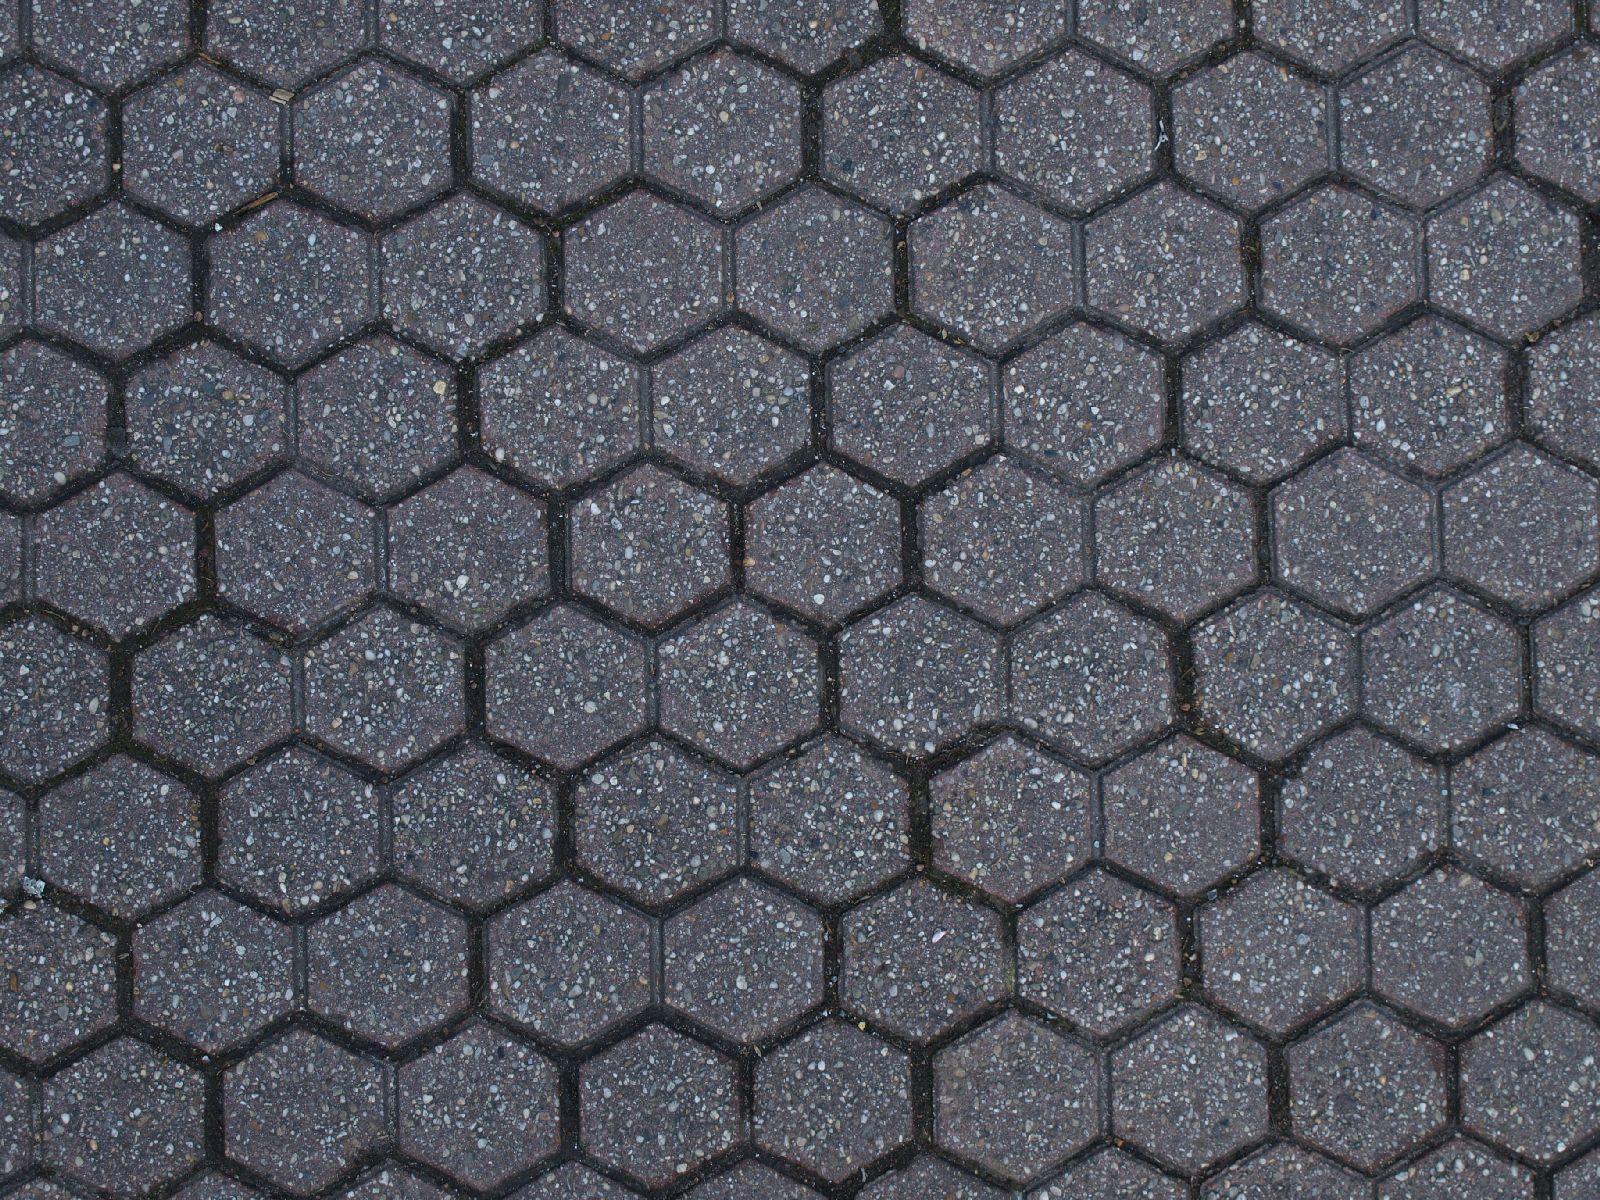 Ground-Urban_Texture_A_P4080220